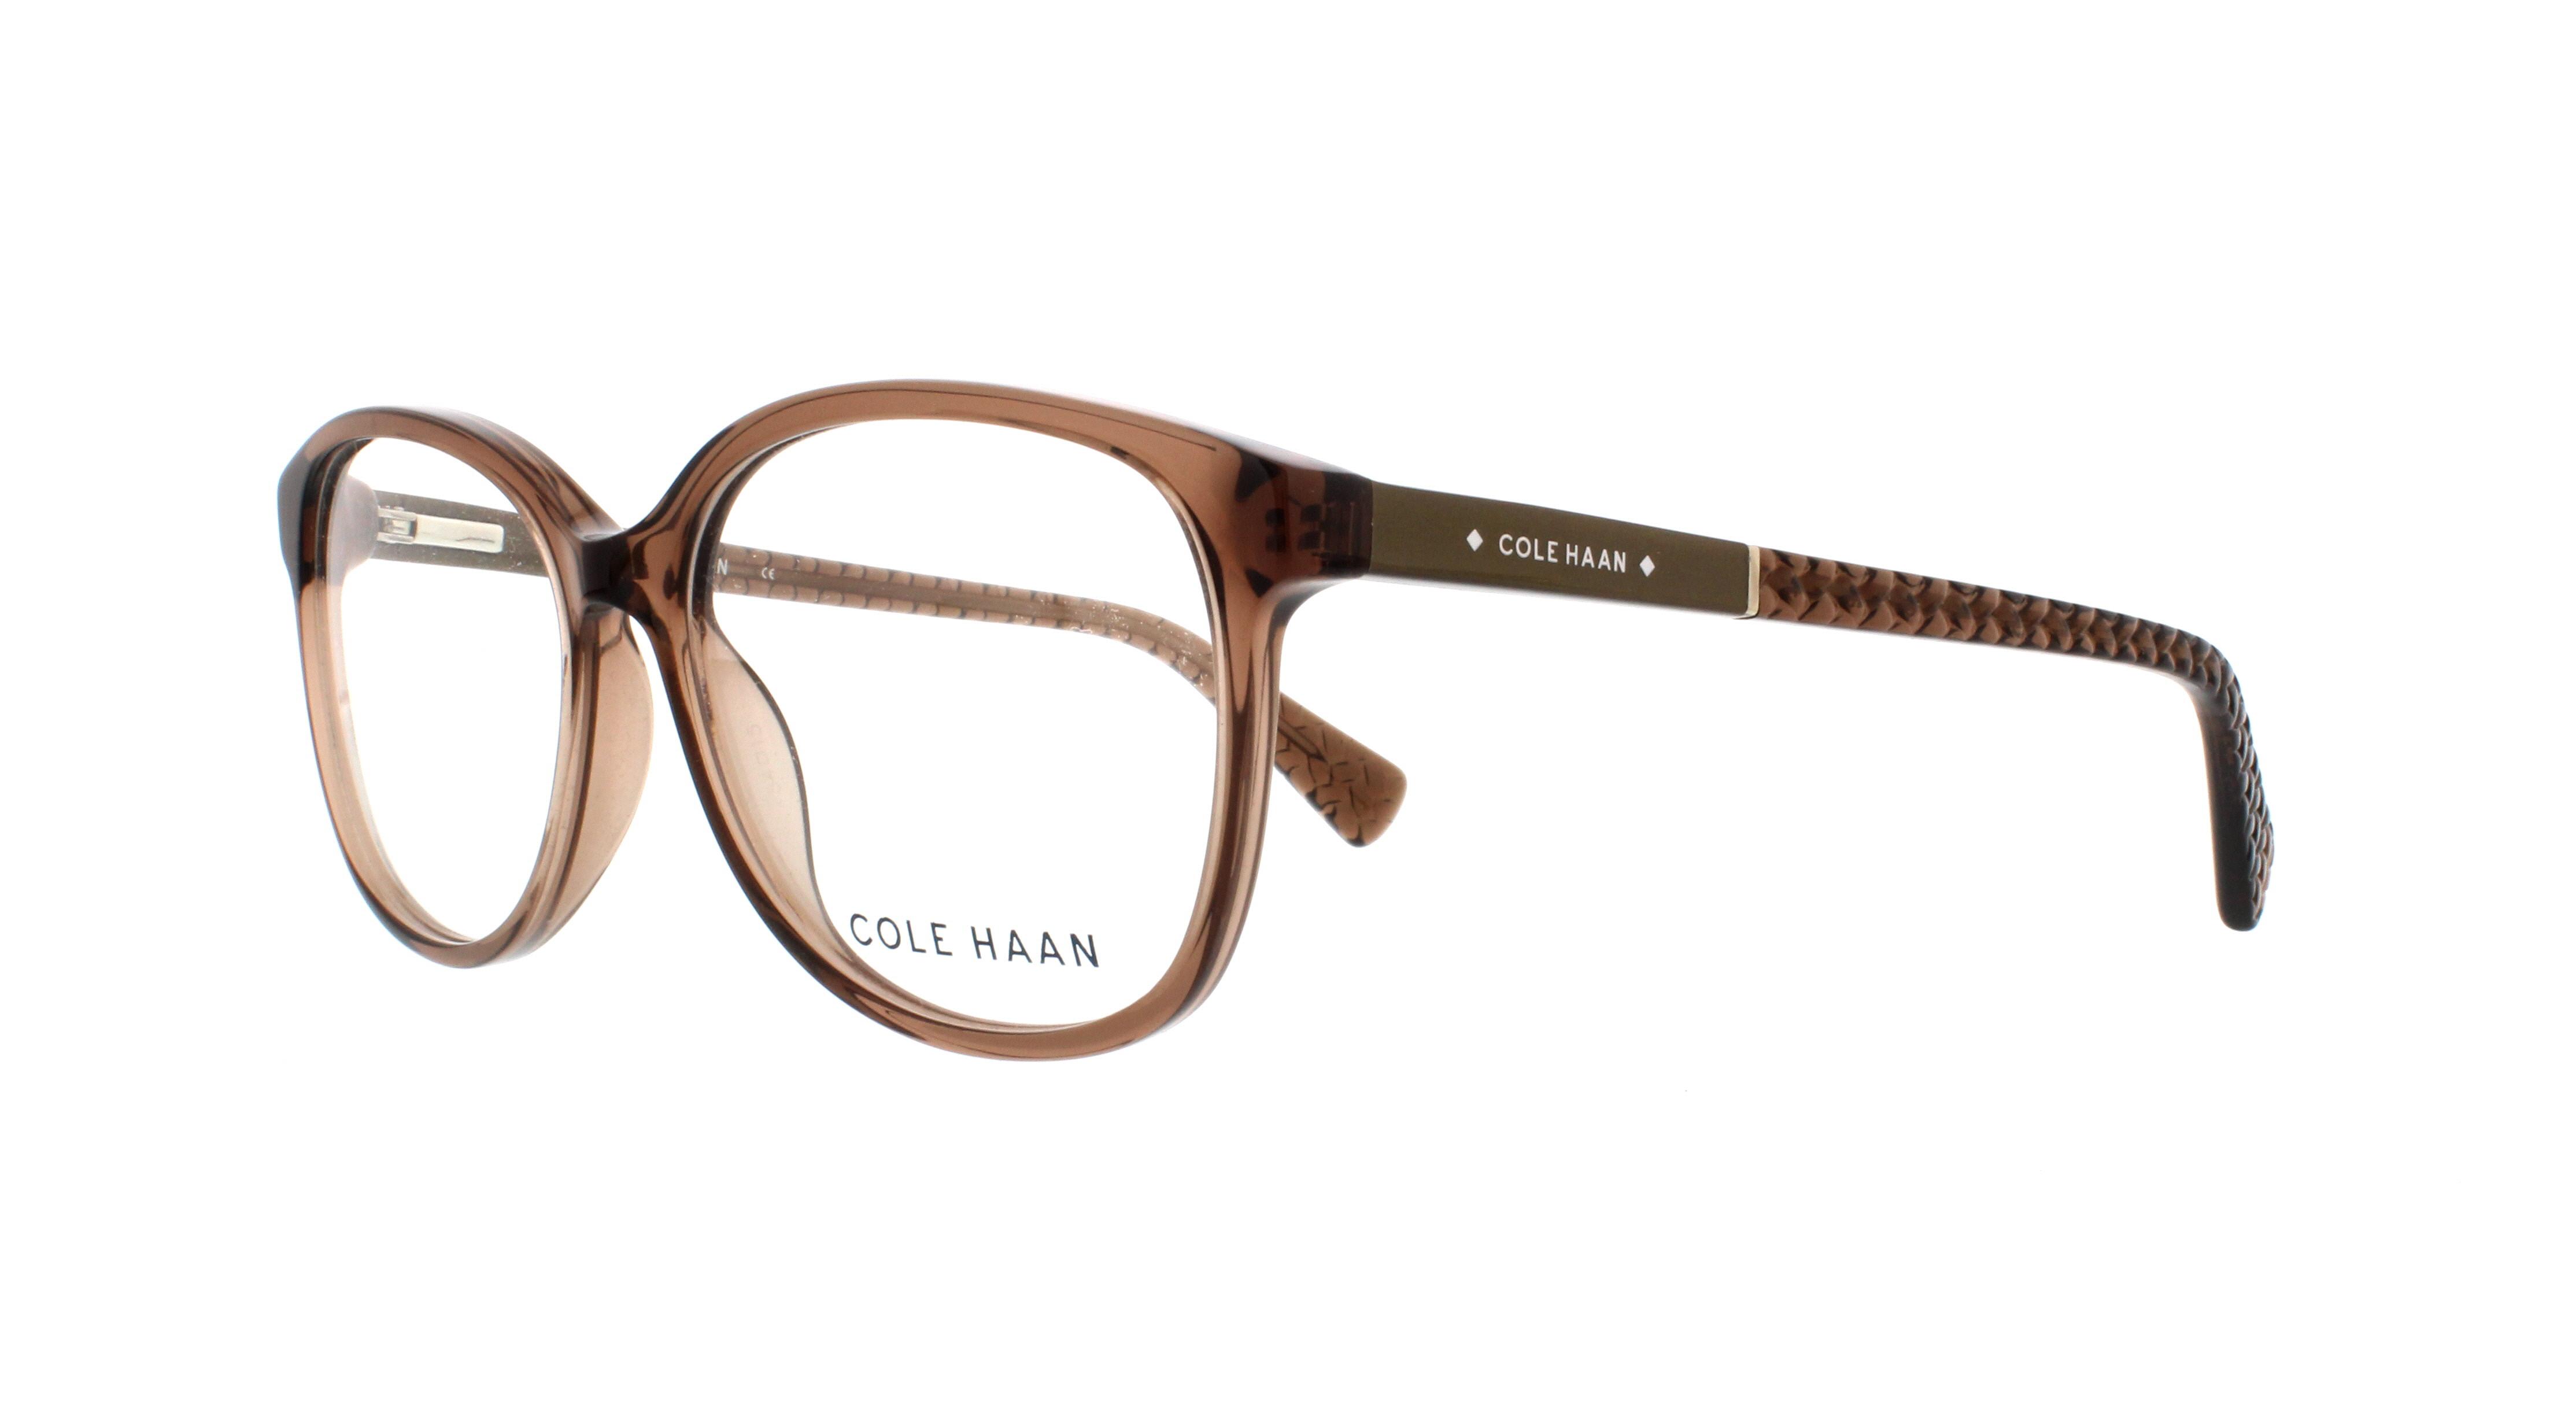 COLE HAAN Eyeglasses CH5001 231 Crystal Brown 54MM 788678035257 | eBay